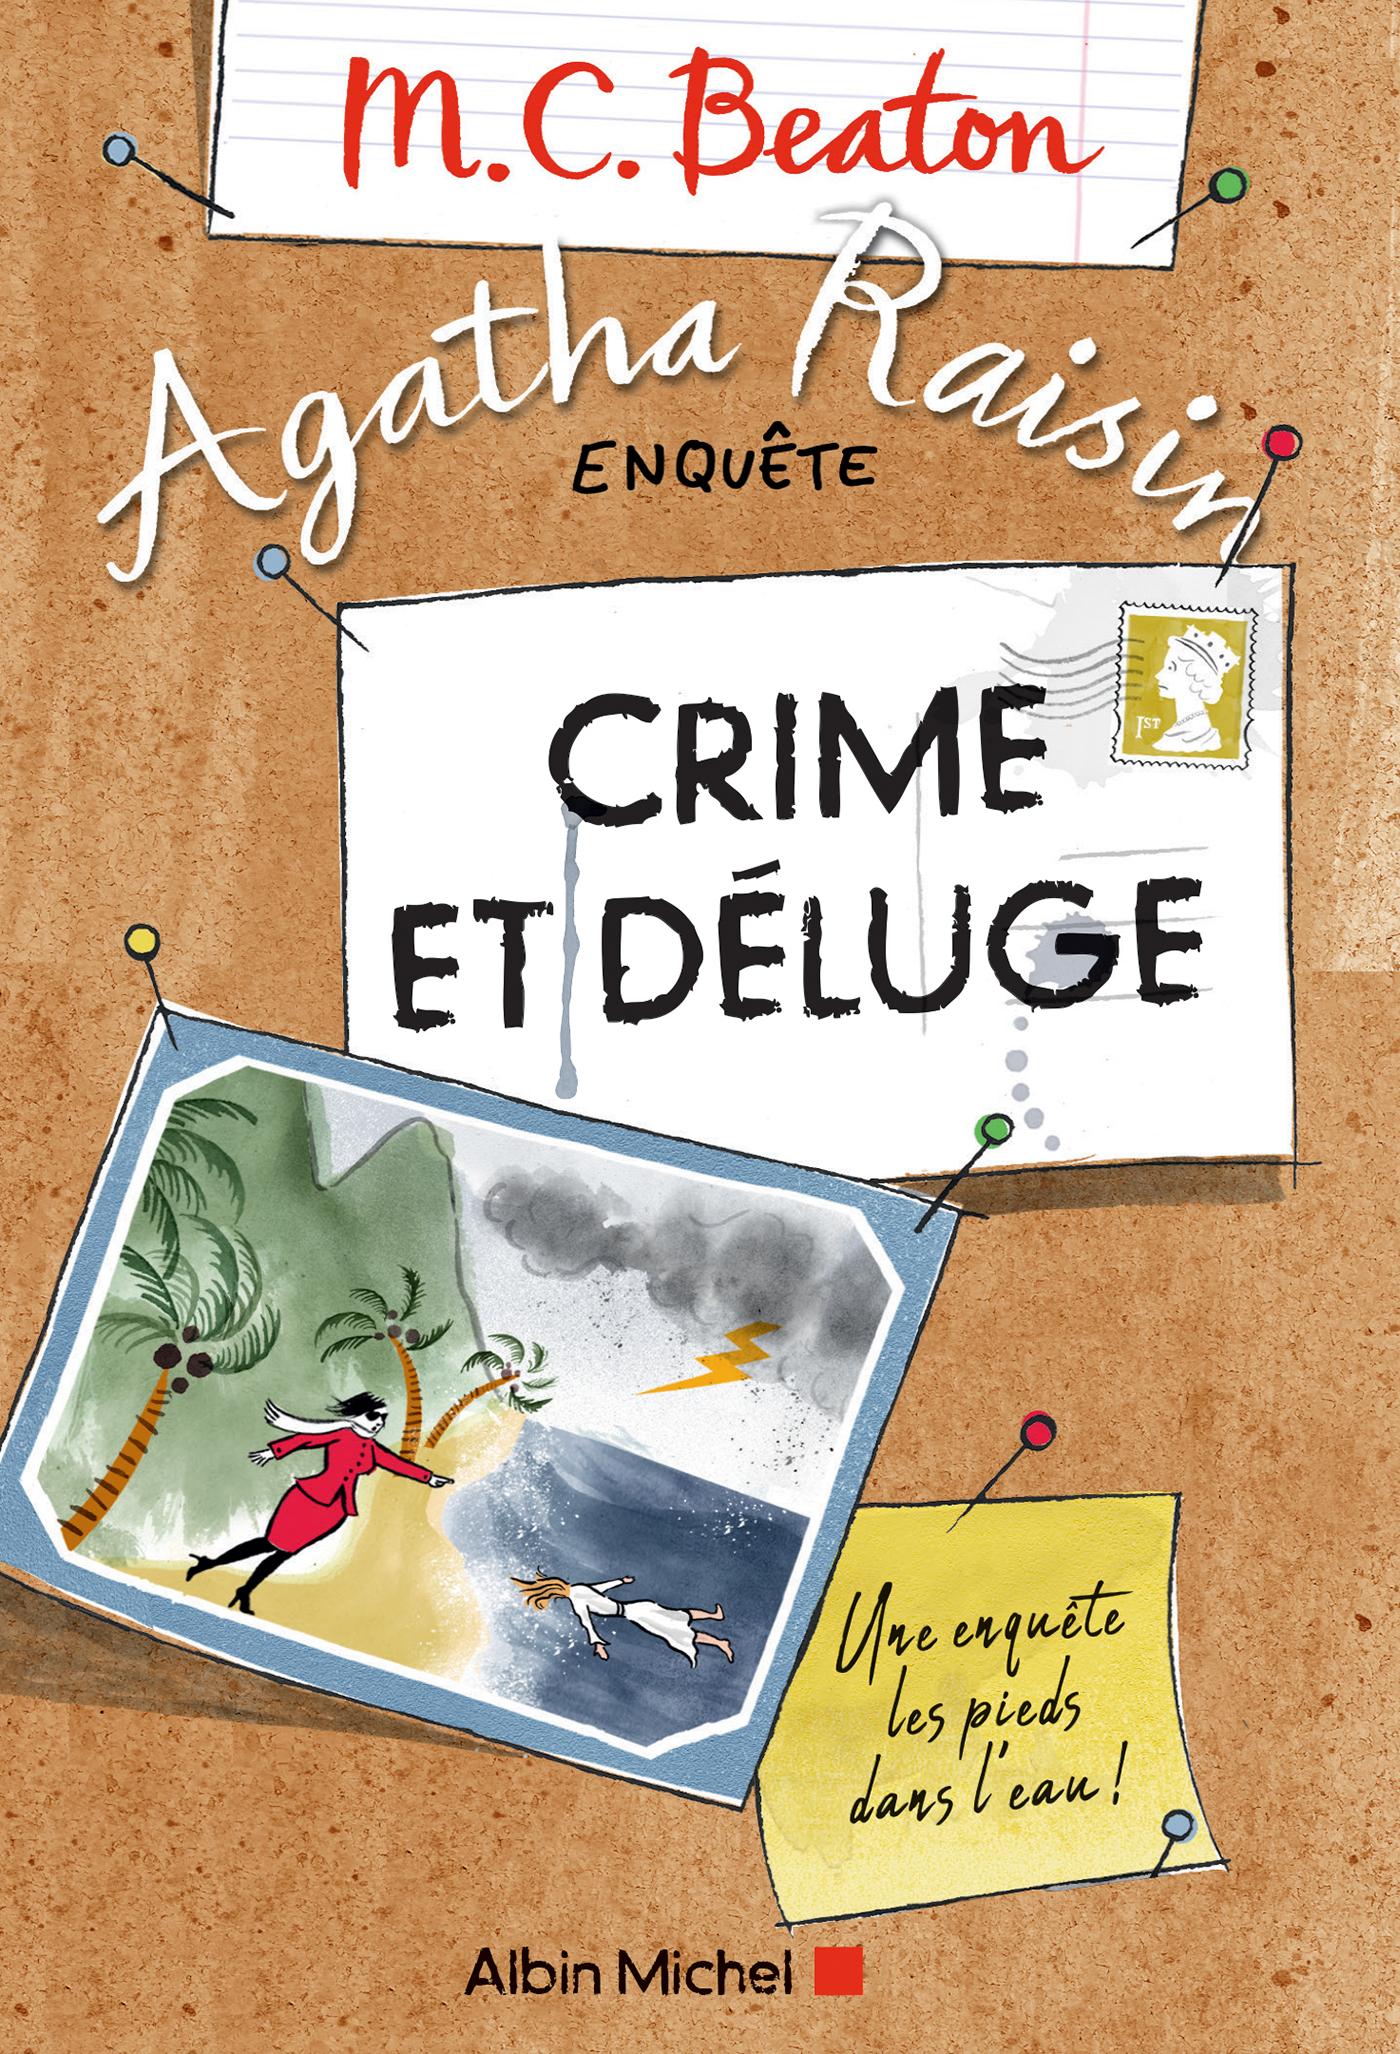 Agatha Raisin enquête 12 - Crime et déluge   Beaton, M. C.. Auteur